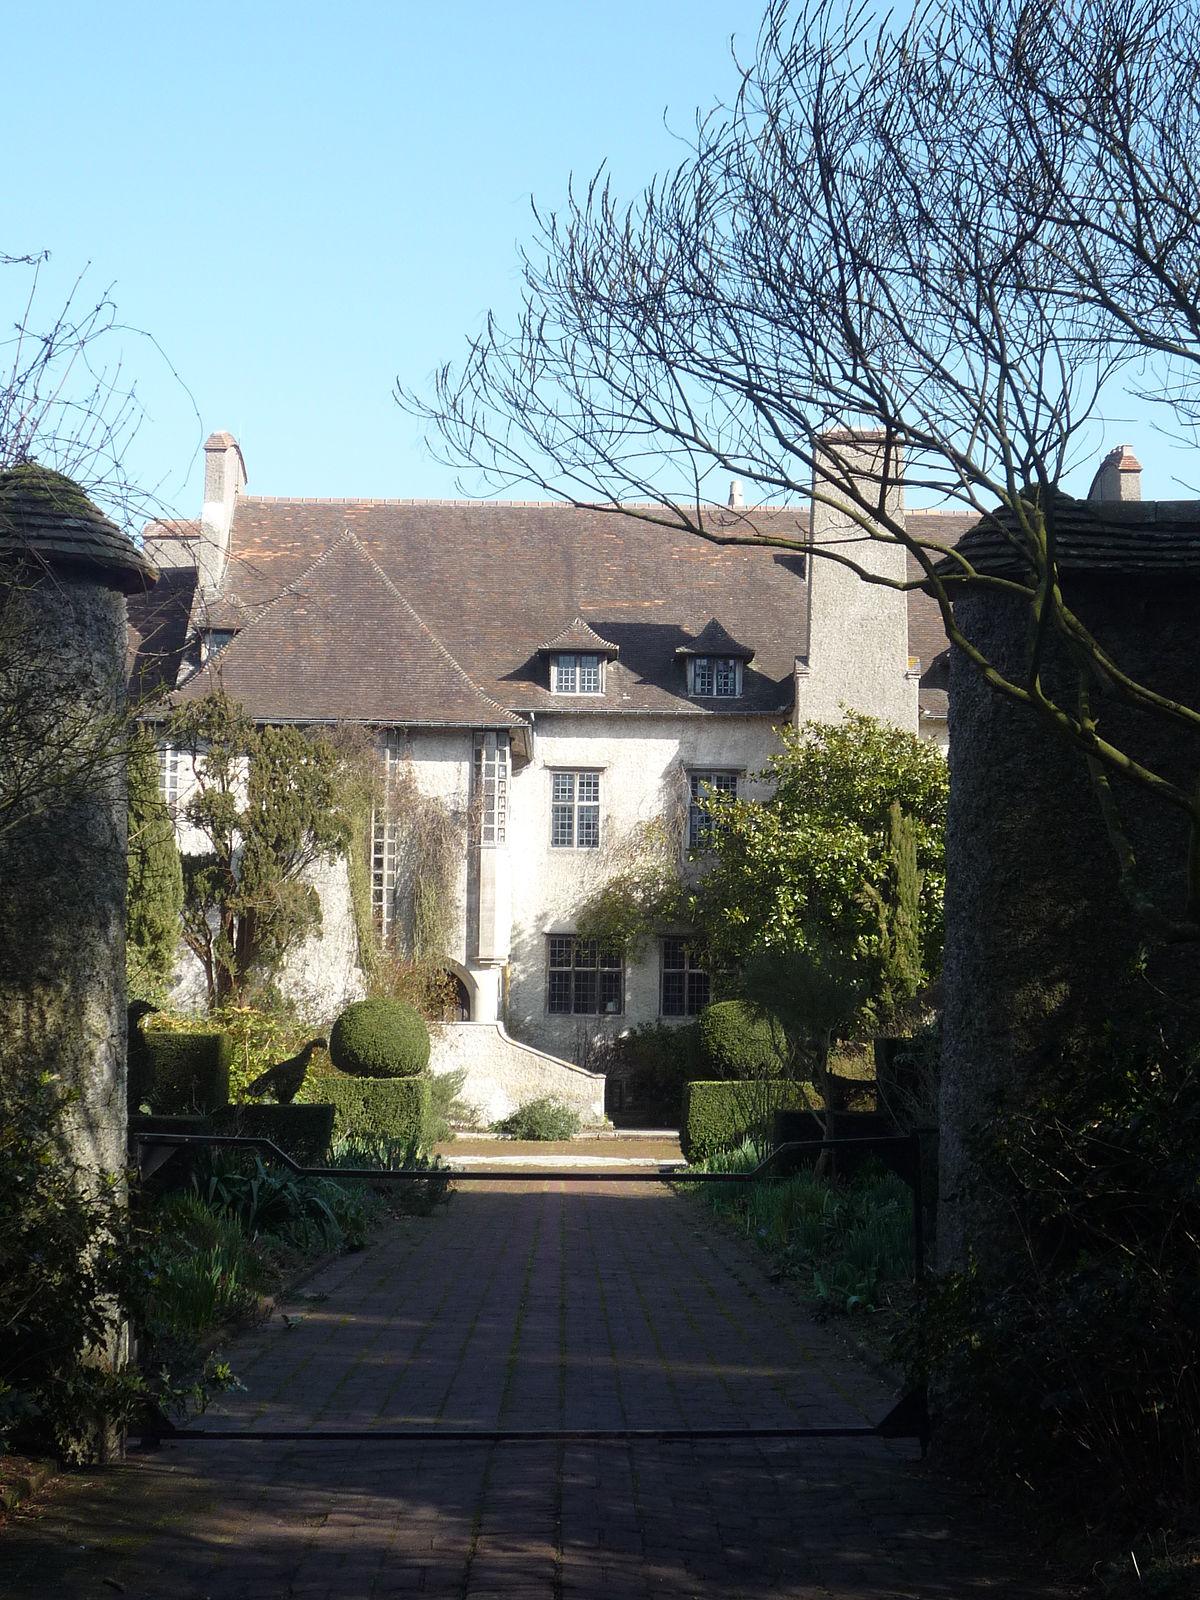 Maison En Bois Normandie bois des moutiers - wikipedia